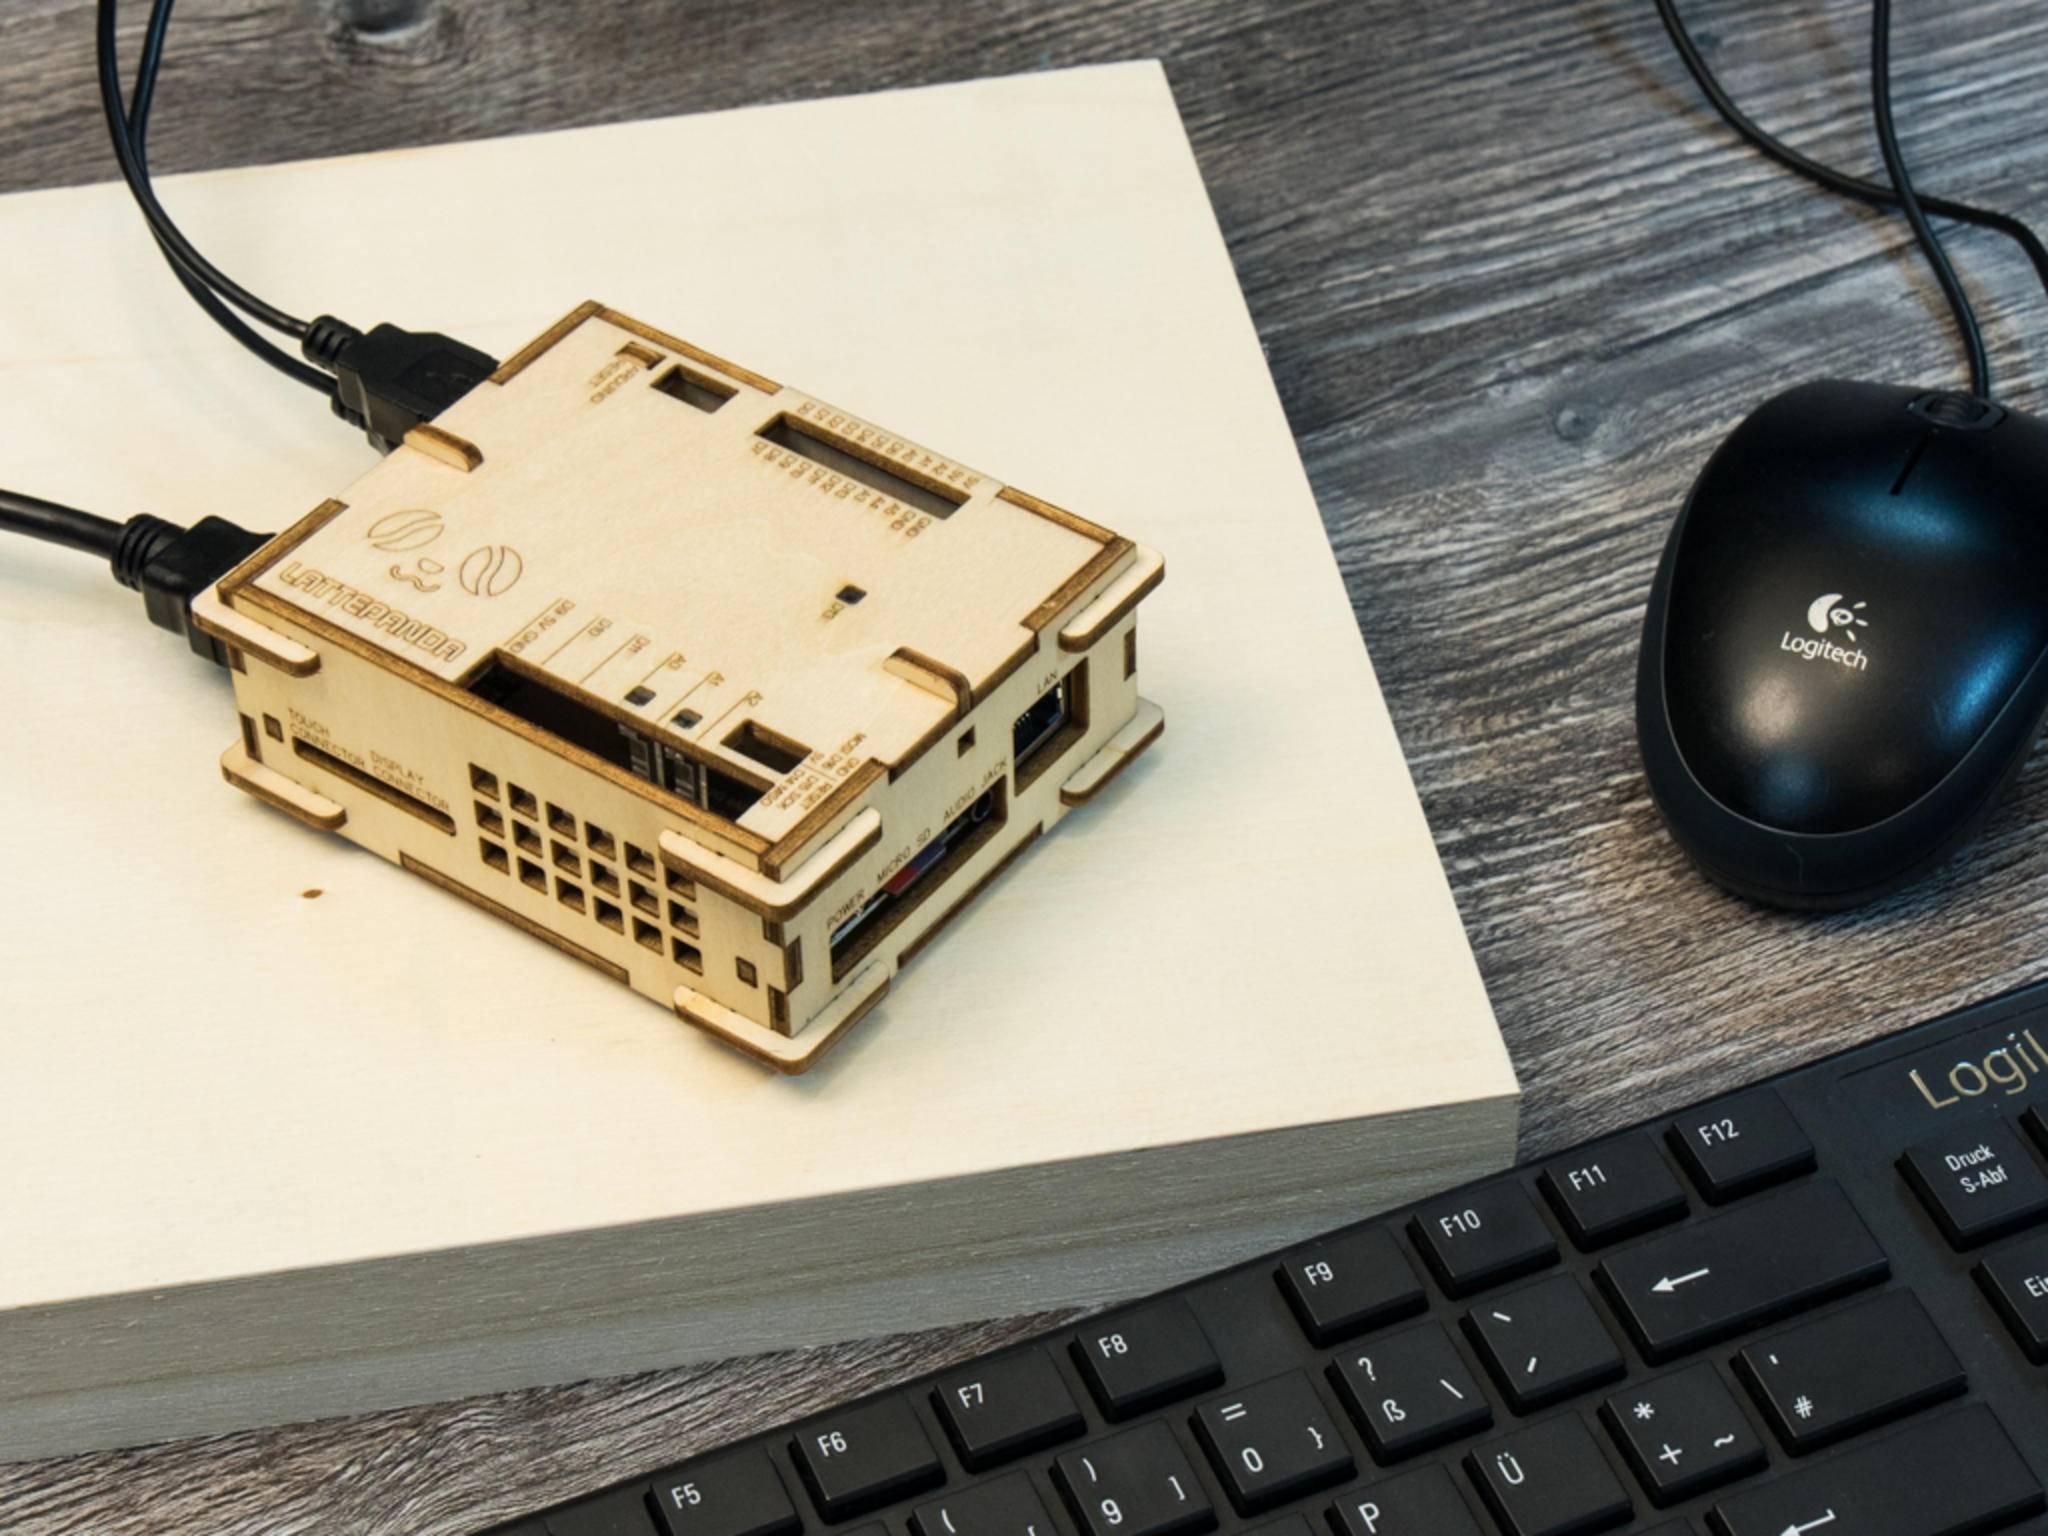 Der Lattepanda ist ein Mini-PC, der bei Kickstarter finanziert wurde.